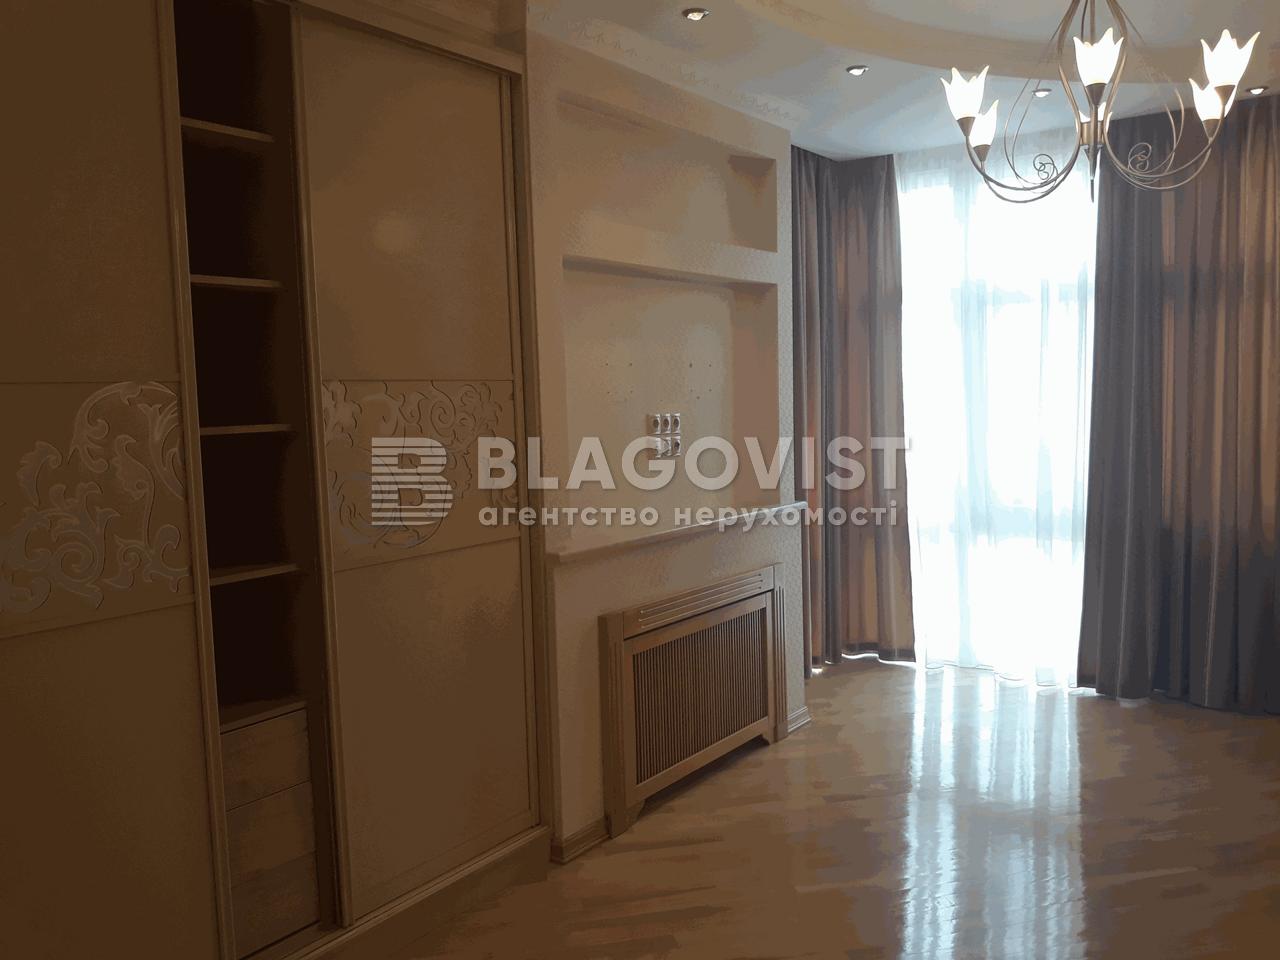 Квартира H-44384, Панаса Мирного, 17, Киев - Фото 8